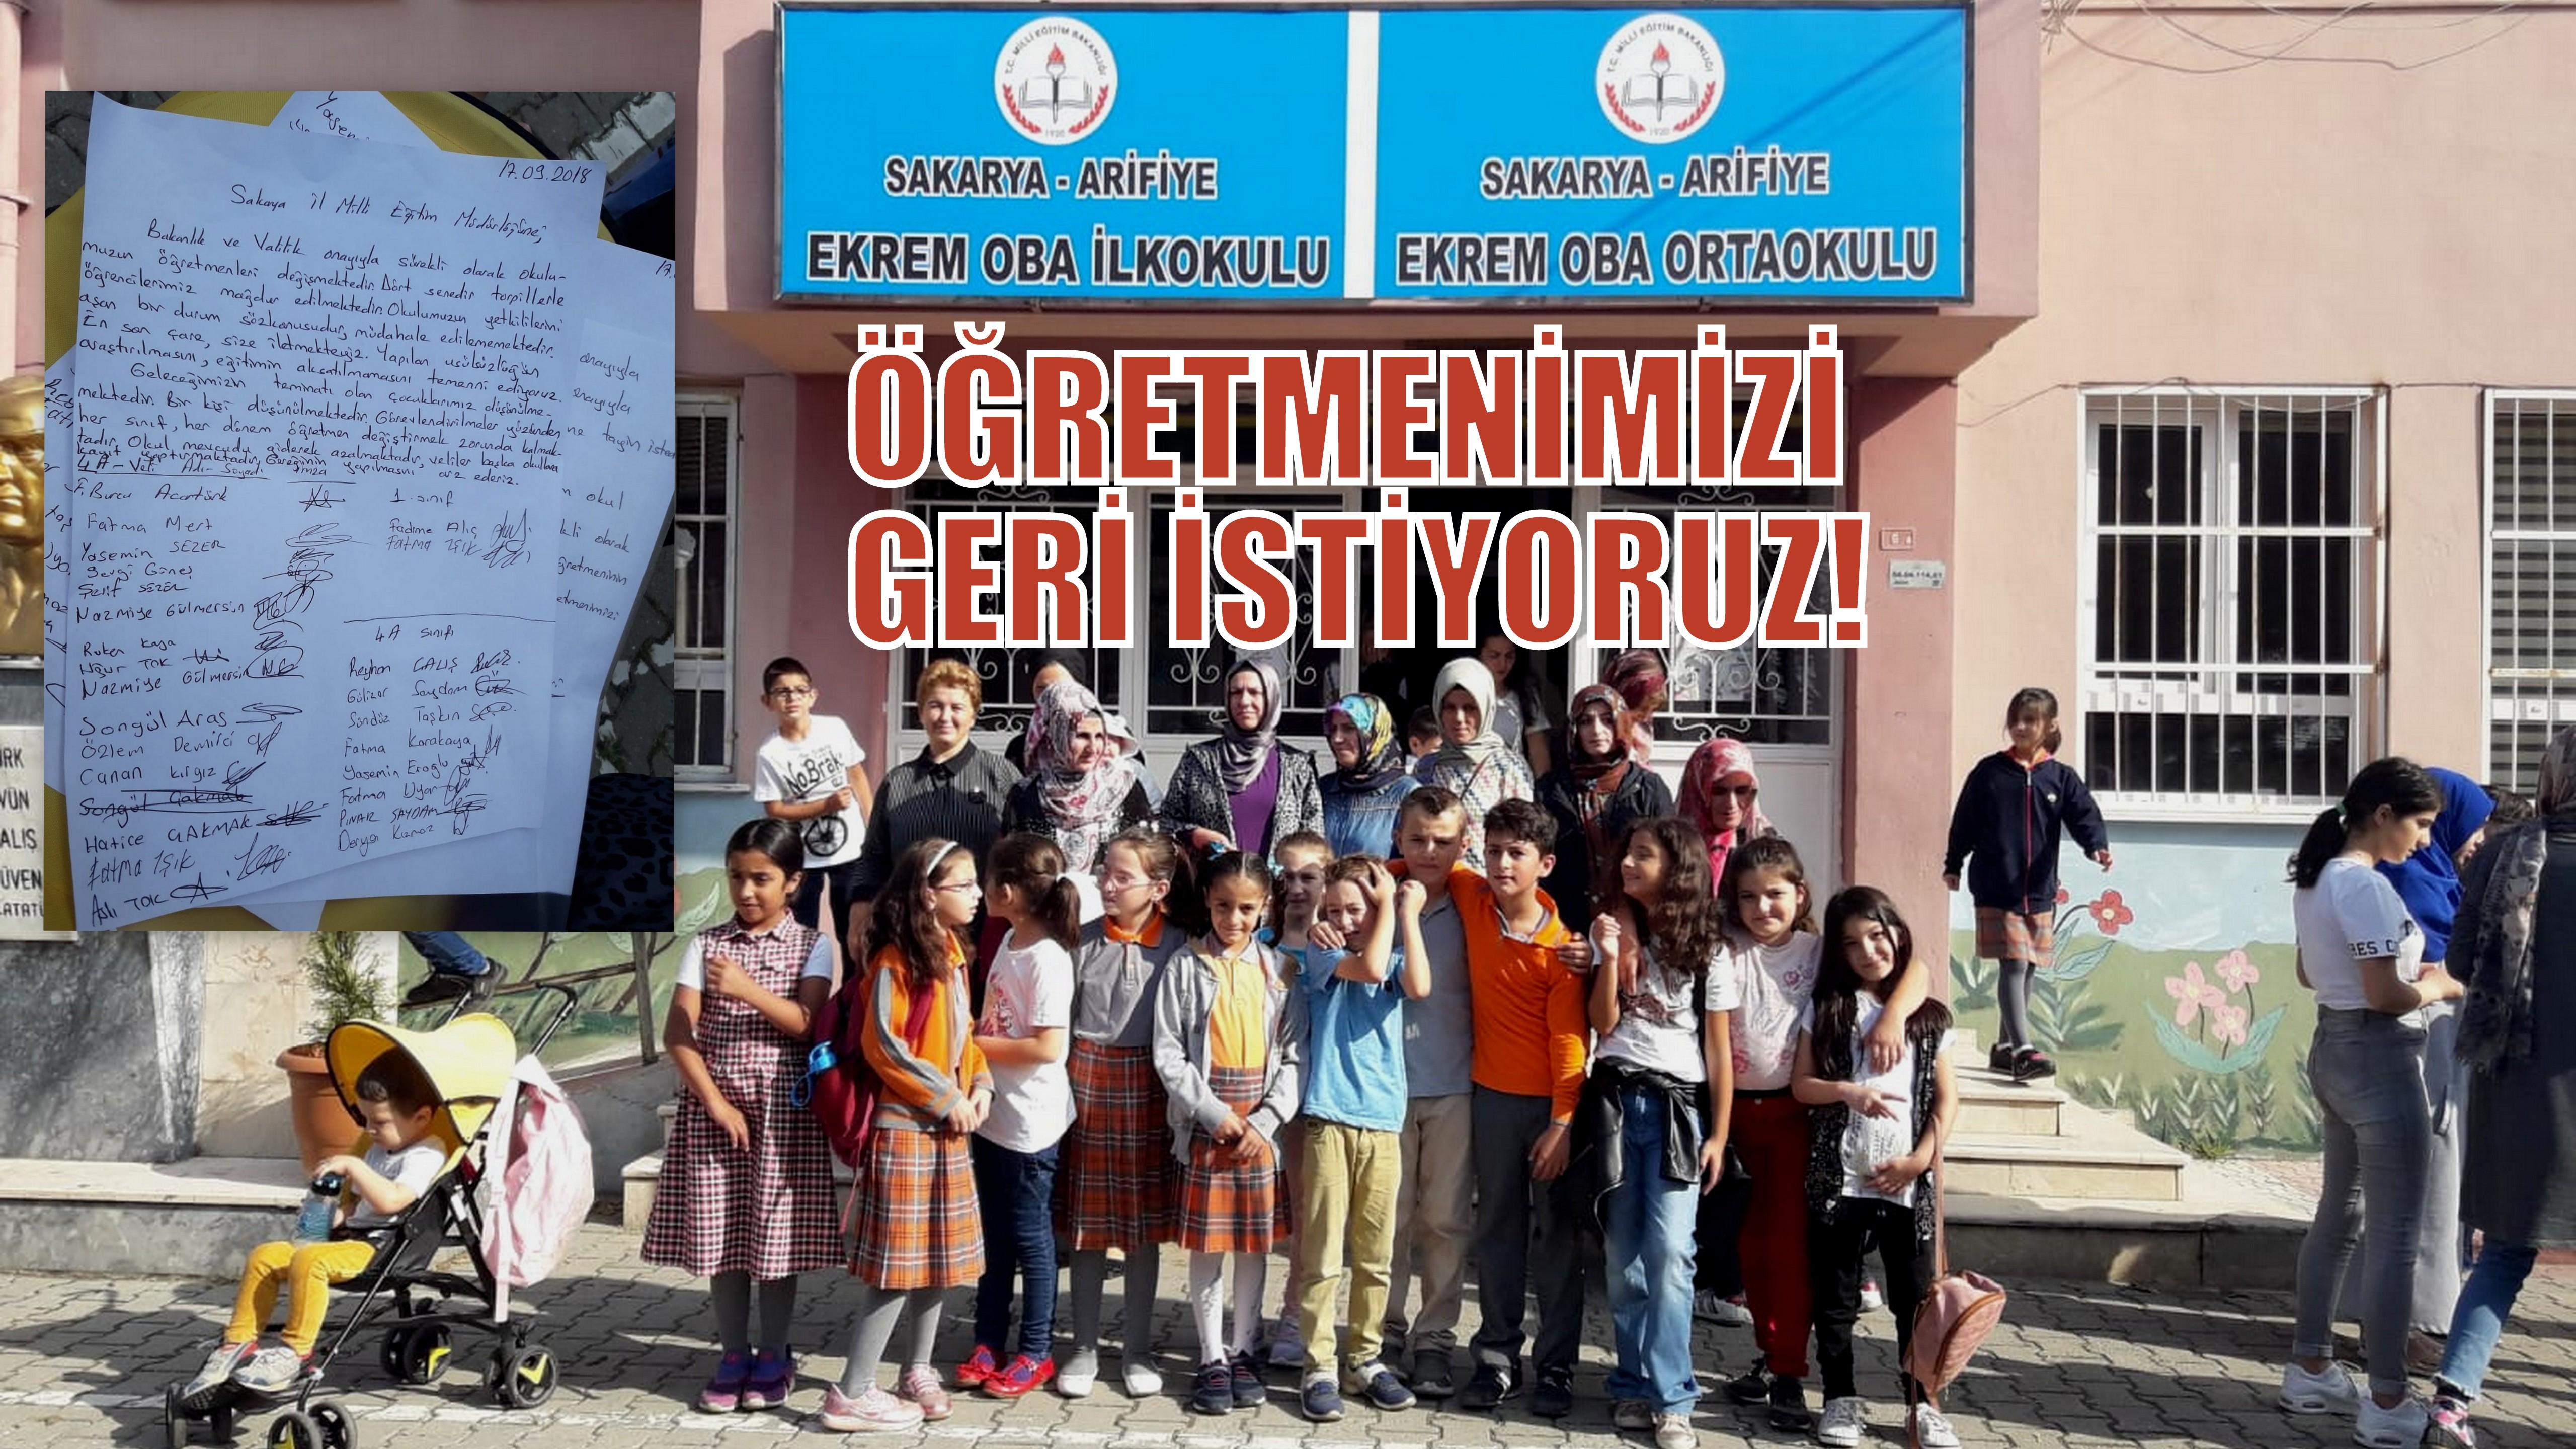 EKREM OBA'DA VELİLERİN ÖĞRETMEN TEPKİSİ!